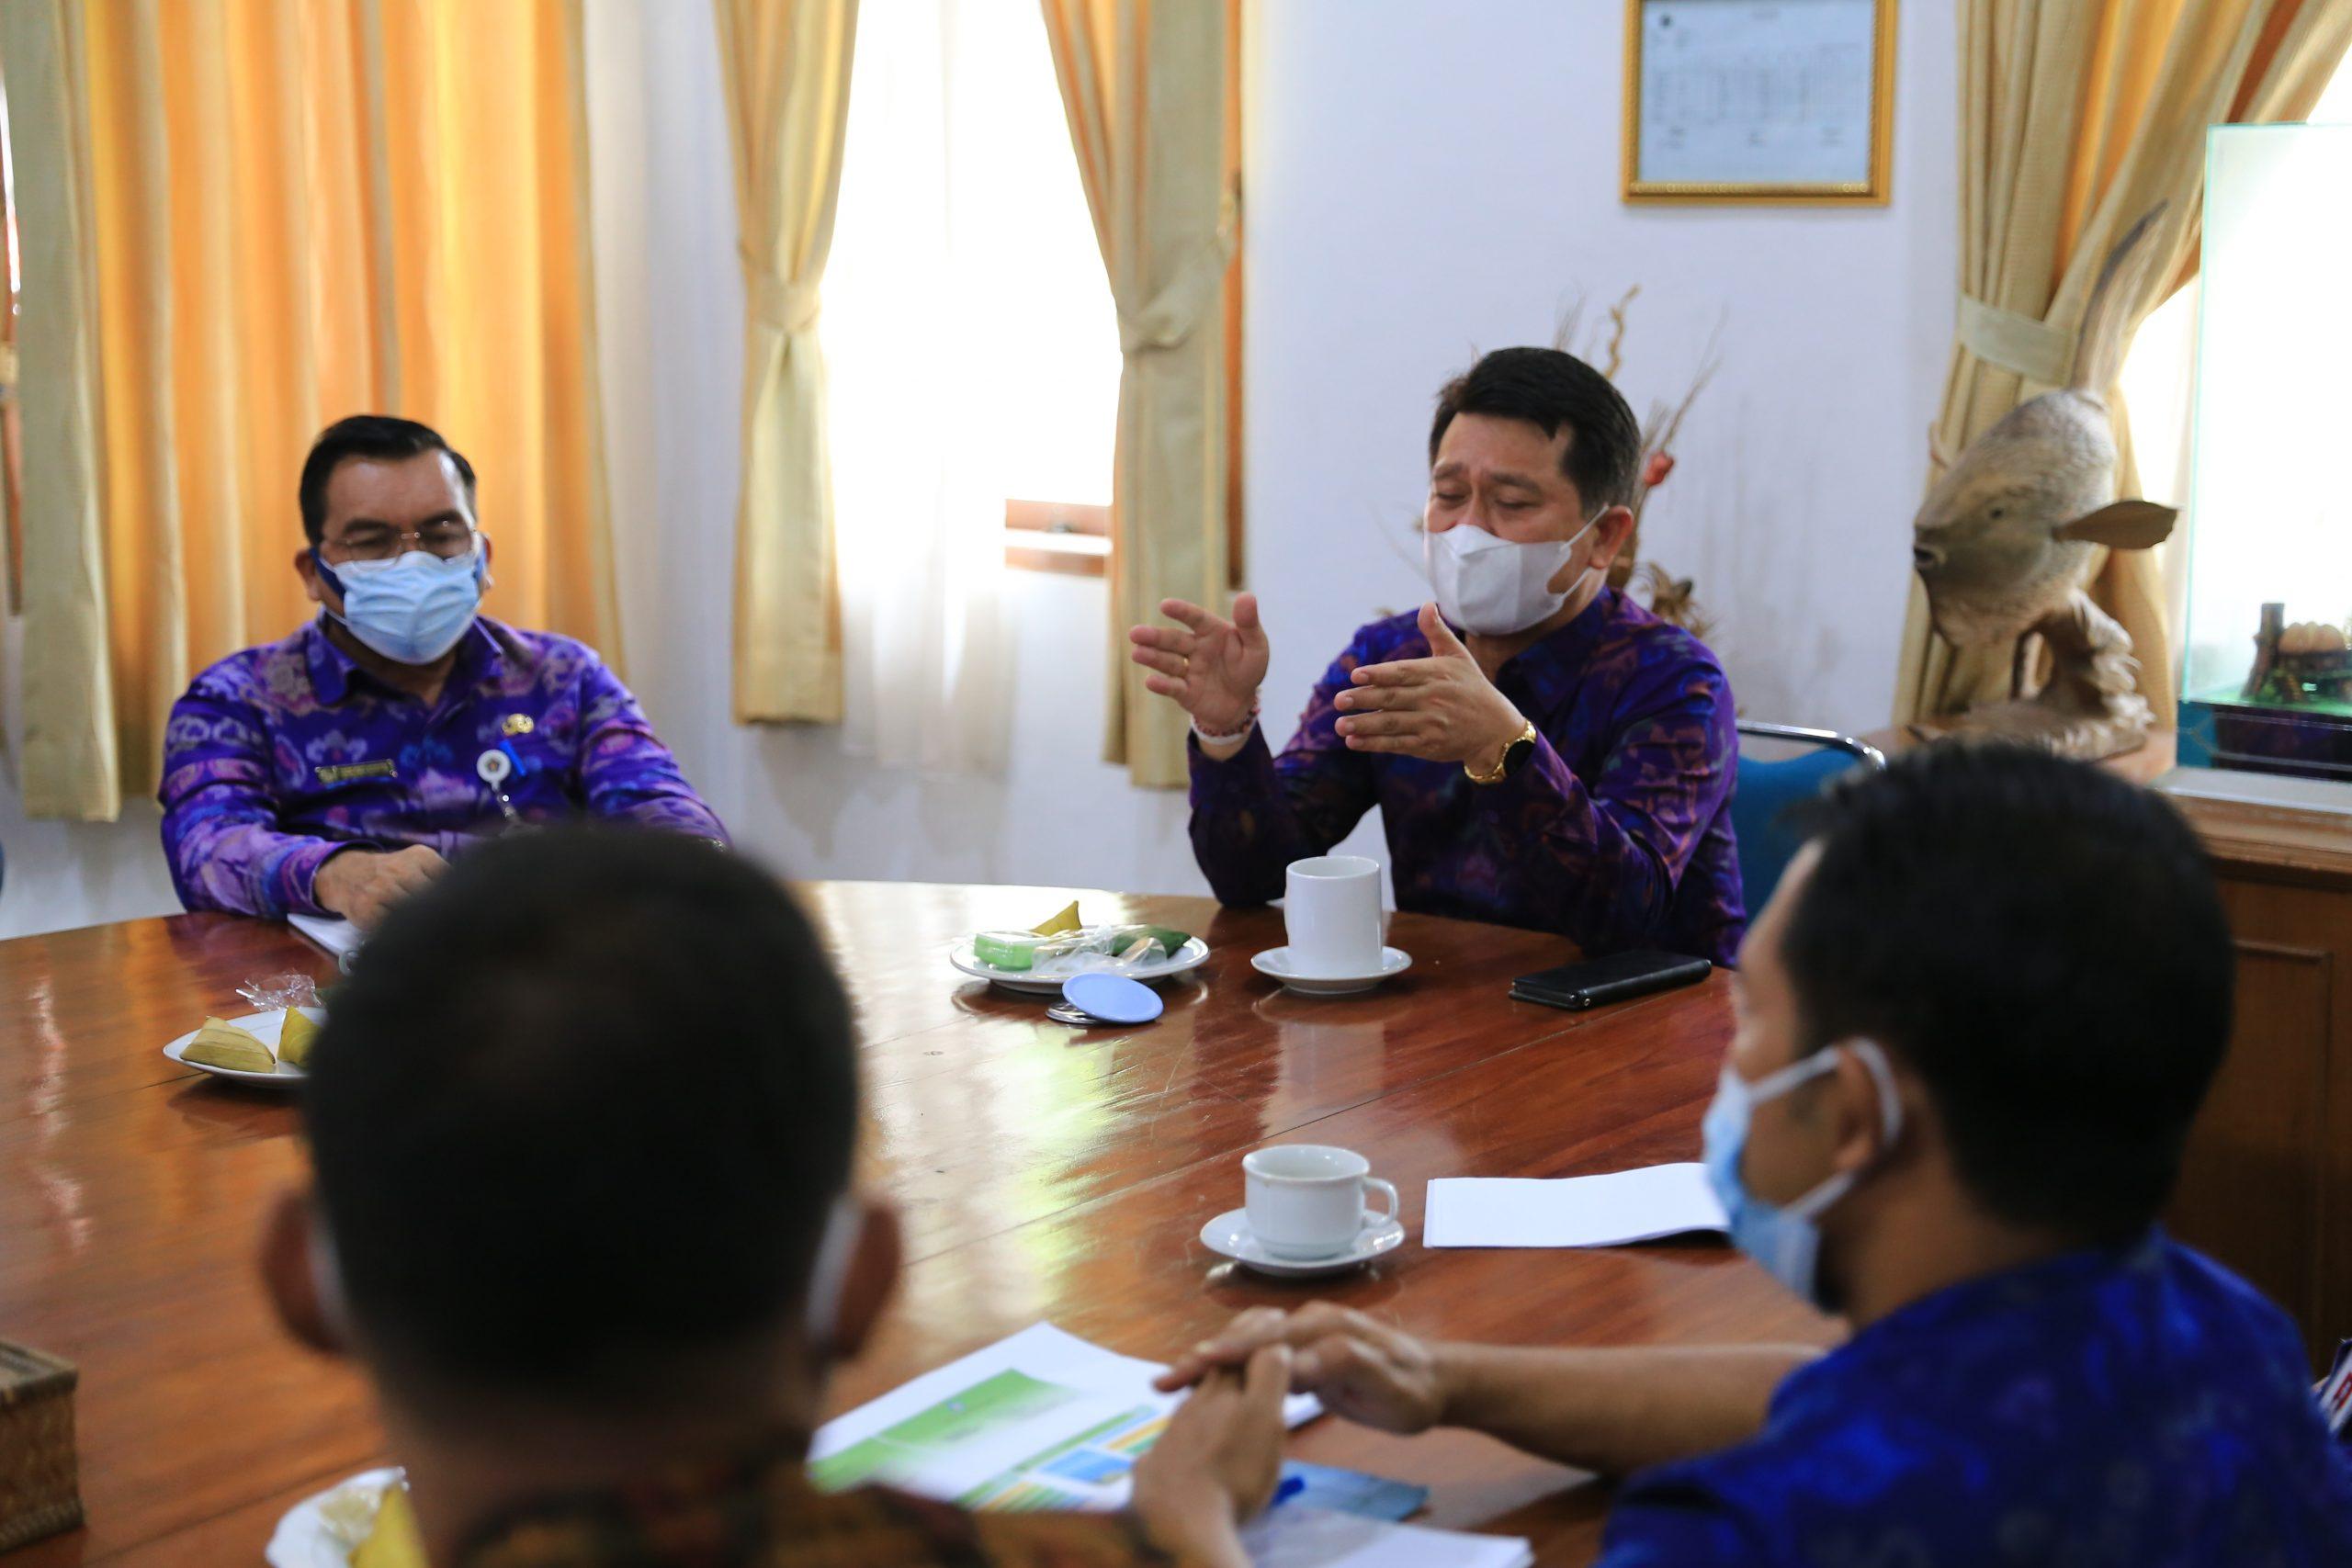 BUPATI Suwirta memimpin rapat penataan sembilan objek wisata andalan di Nusa Penida, Selasa (24/8/2021). Foto: ist